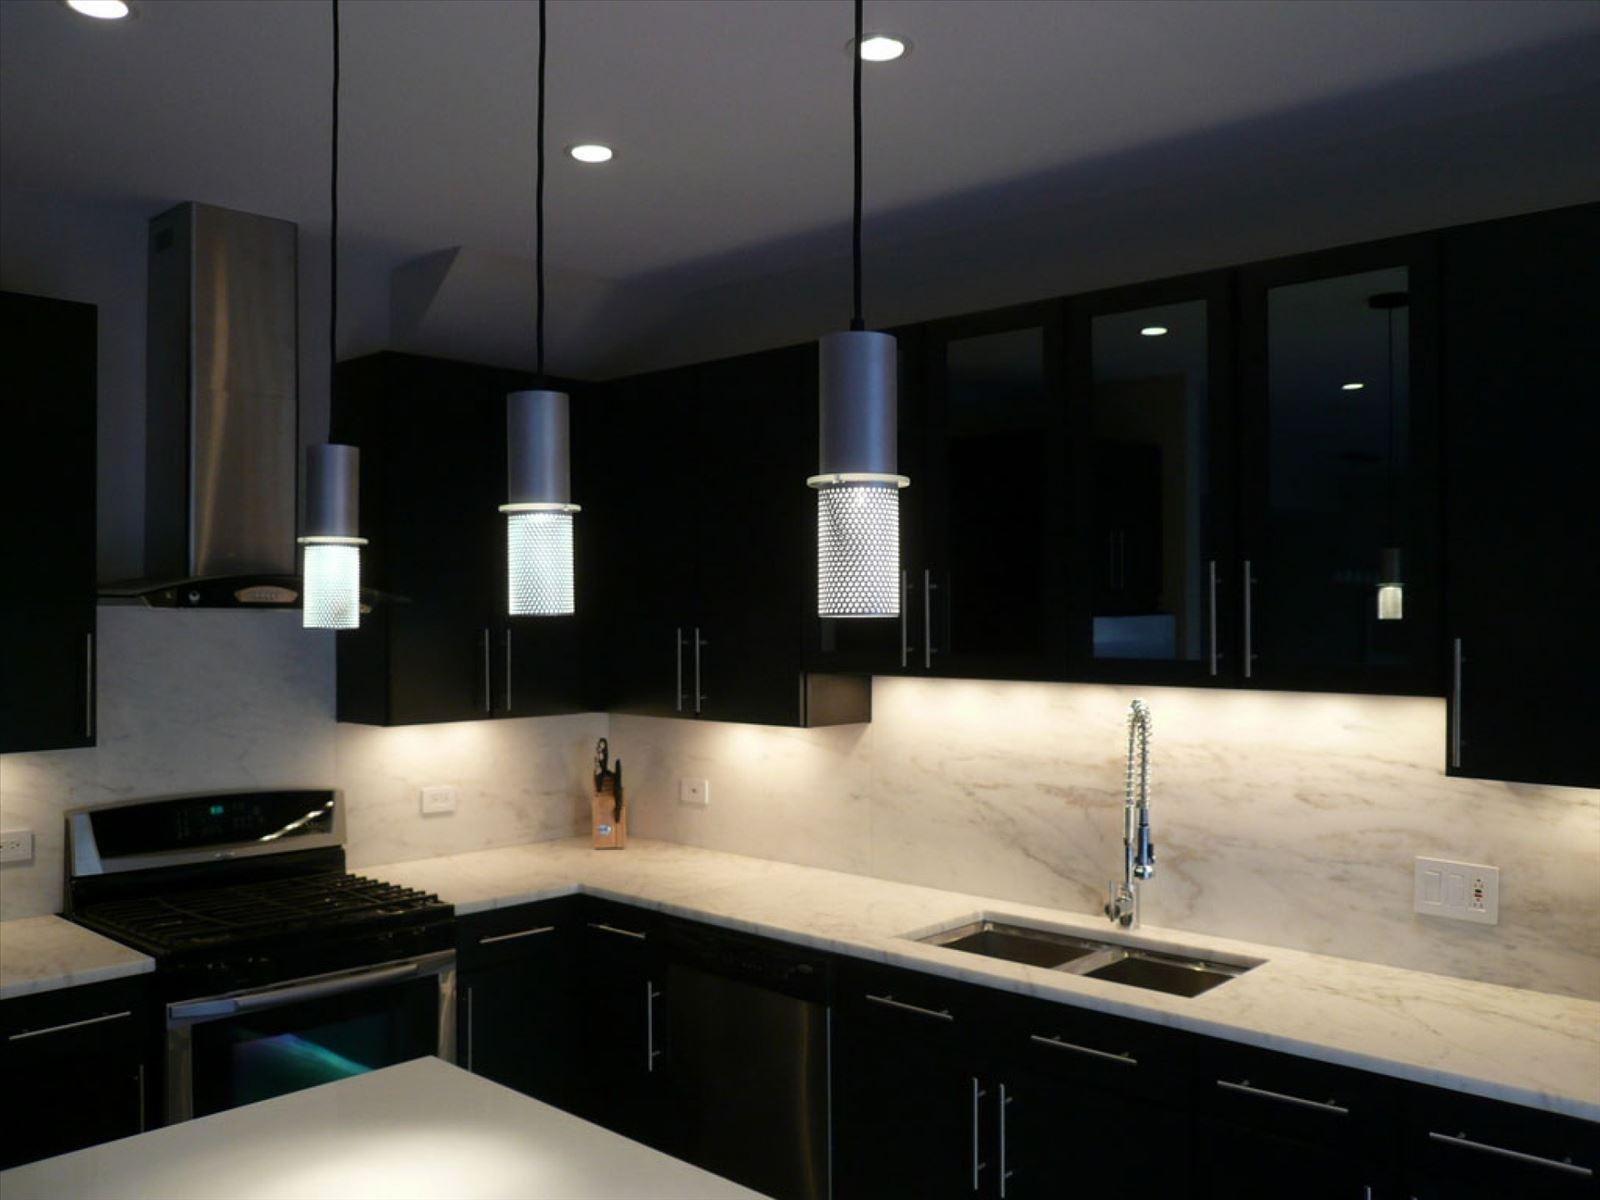 Черно белые кухни в интерьере реальные фото